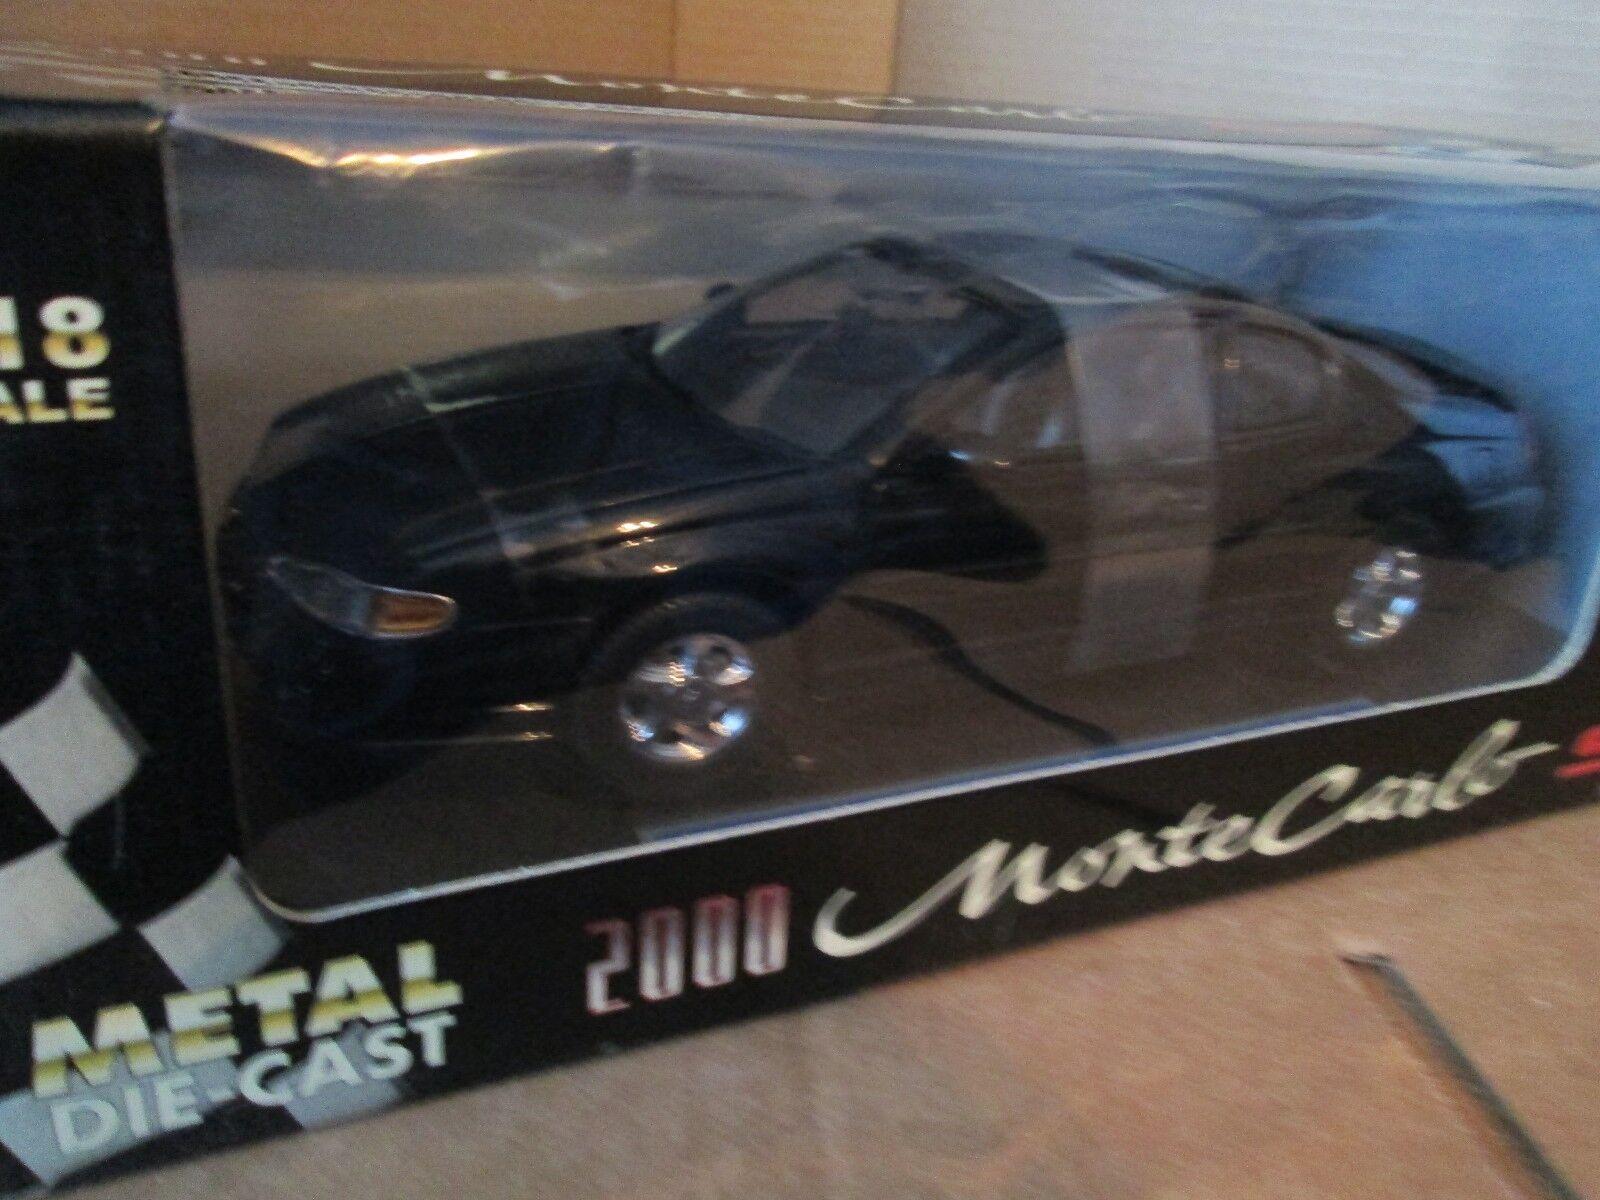 SUNSTAR 1 18 2000 Chevy Monte Carlo Ss Nuevo nero Detalles Bonitos